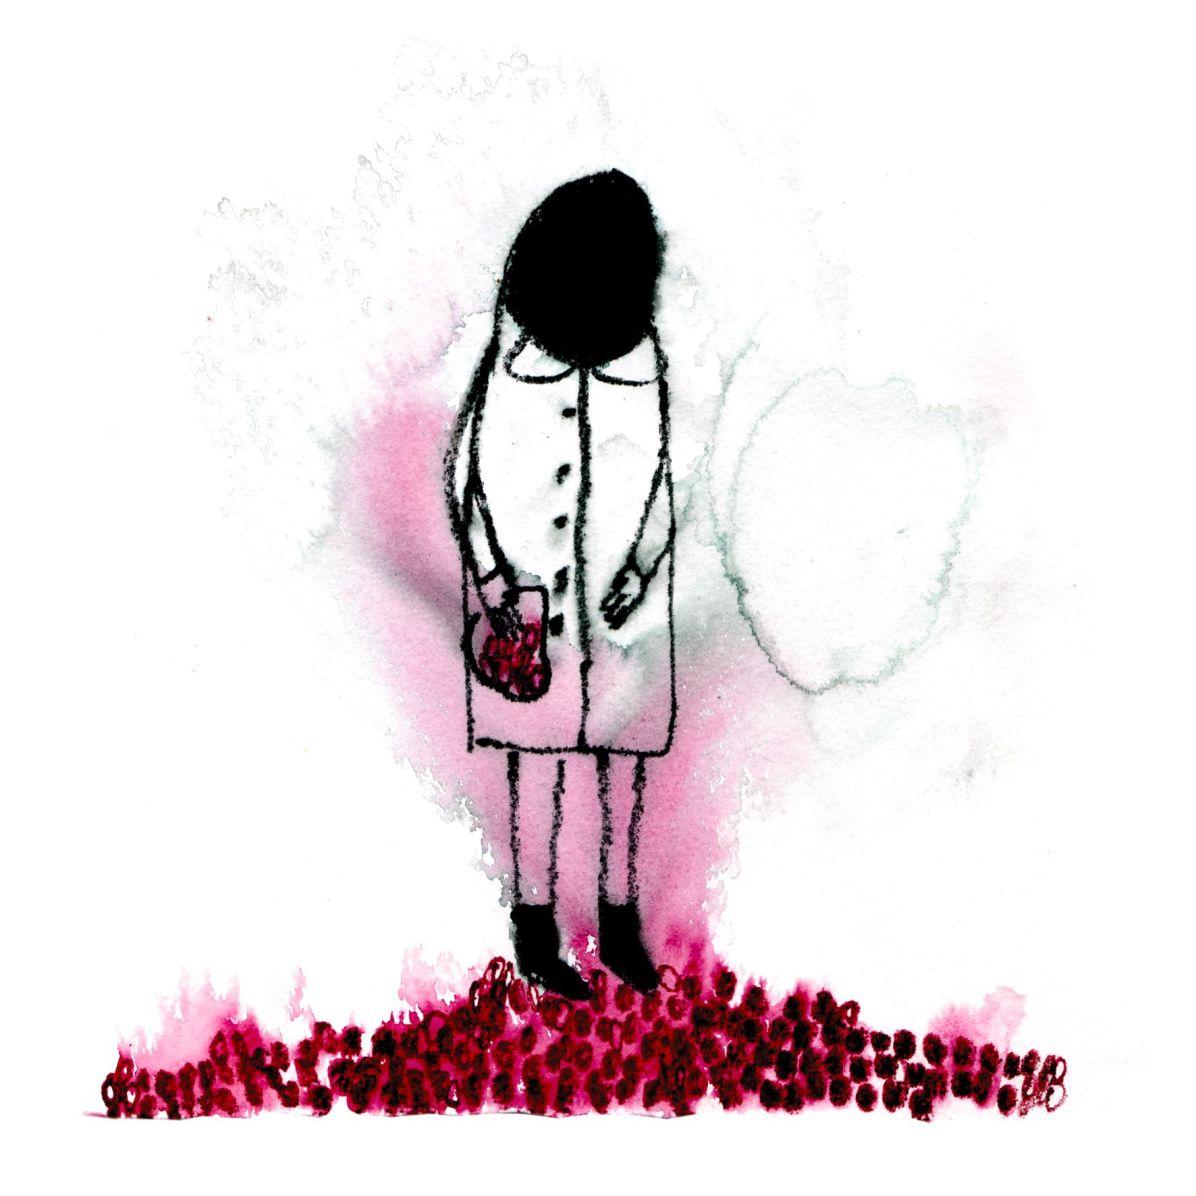 Elisa Muliere, Fare un mucchietto delle proprie radici, 2014, serigrafia